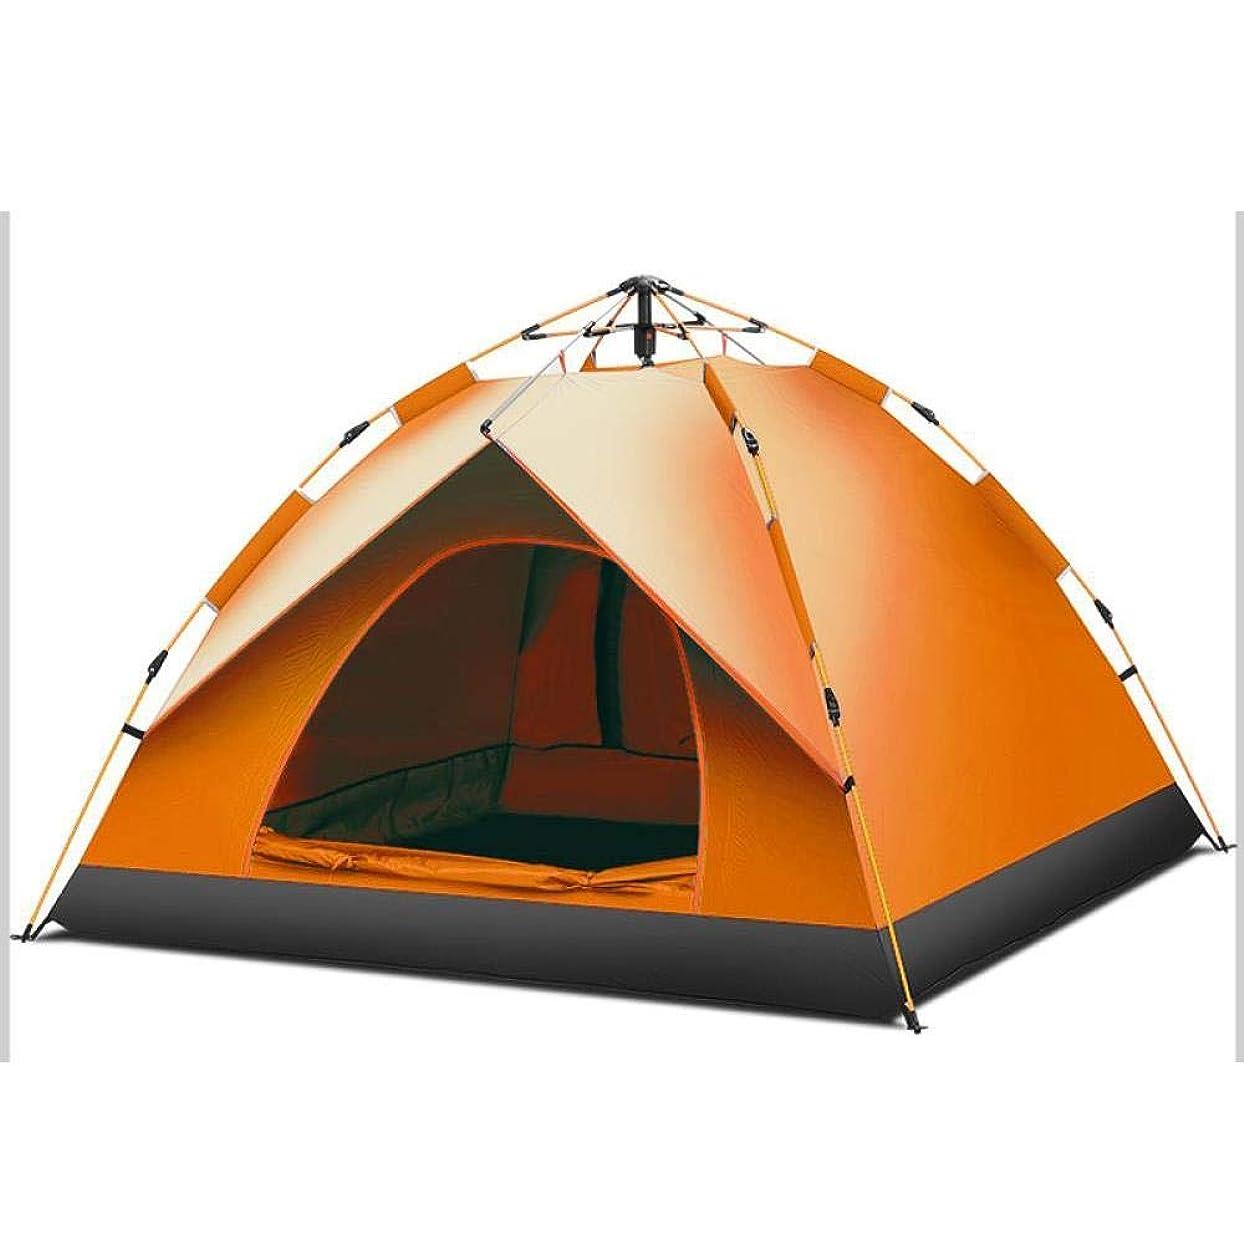 暗くする混合シンジケートフルオートテント屋外3-4人2つの部屋と1つのホールの厚い防雨2人シングルキャンプワイルドキャンプ、2-3人、オレンジ